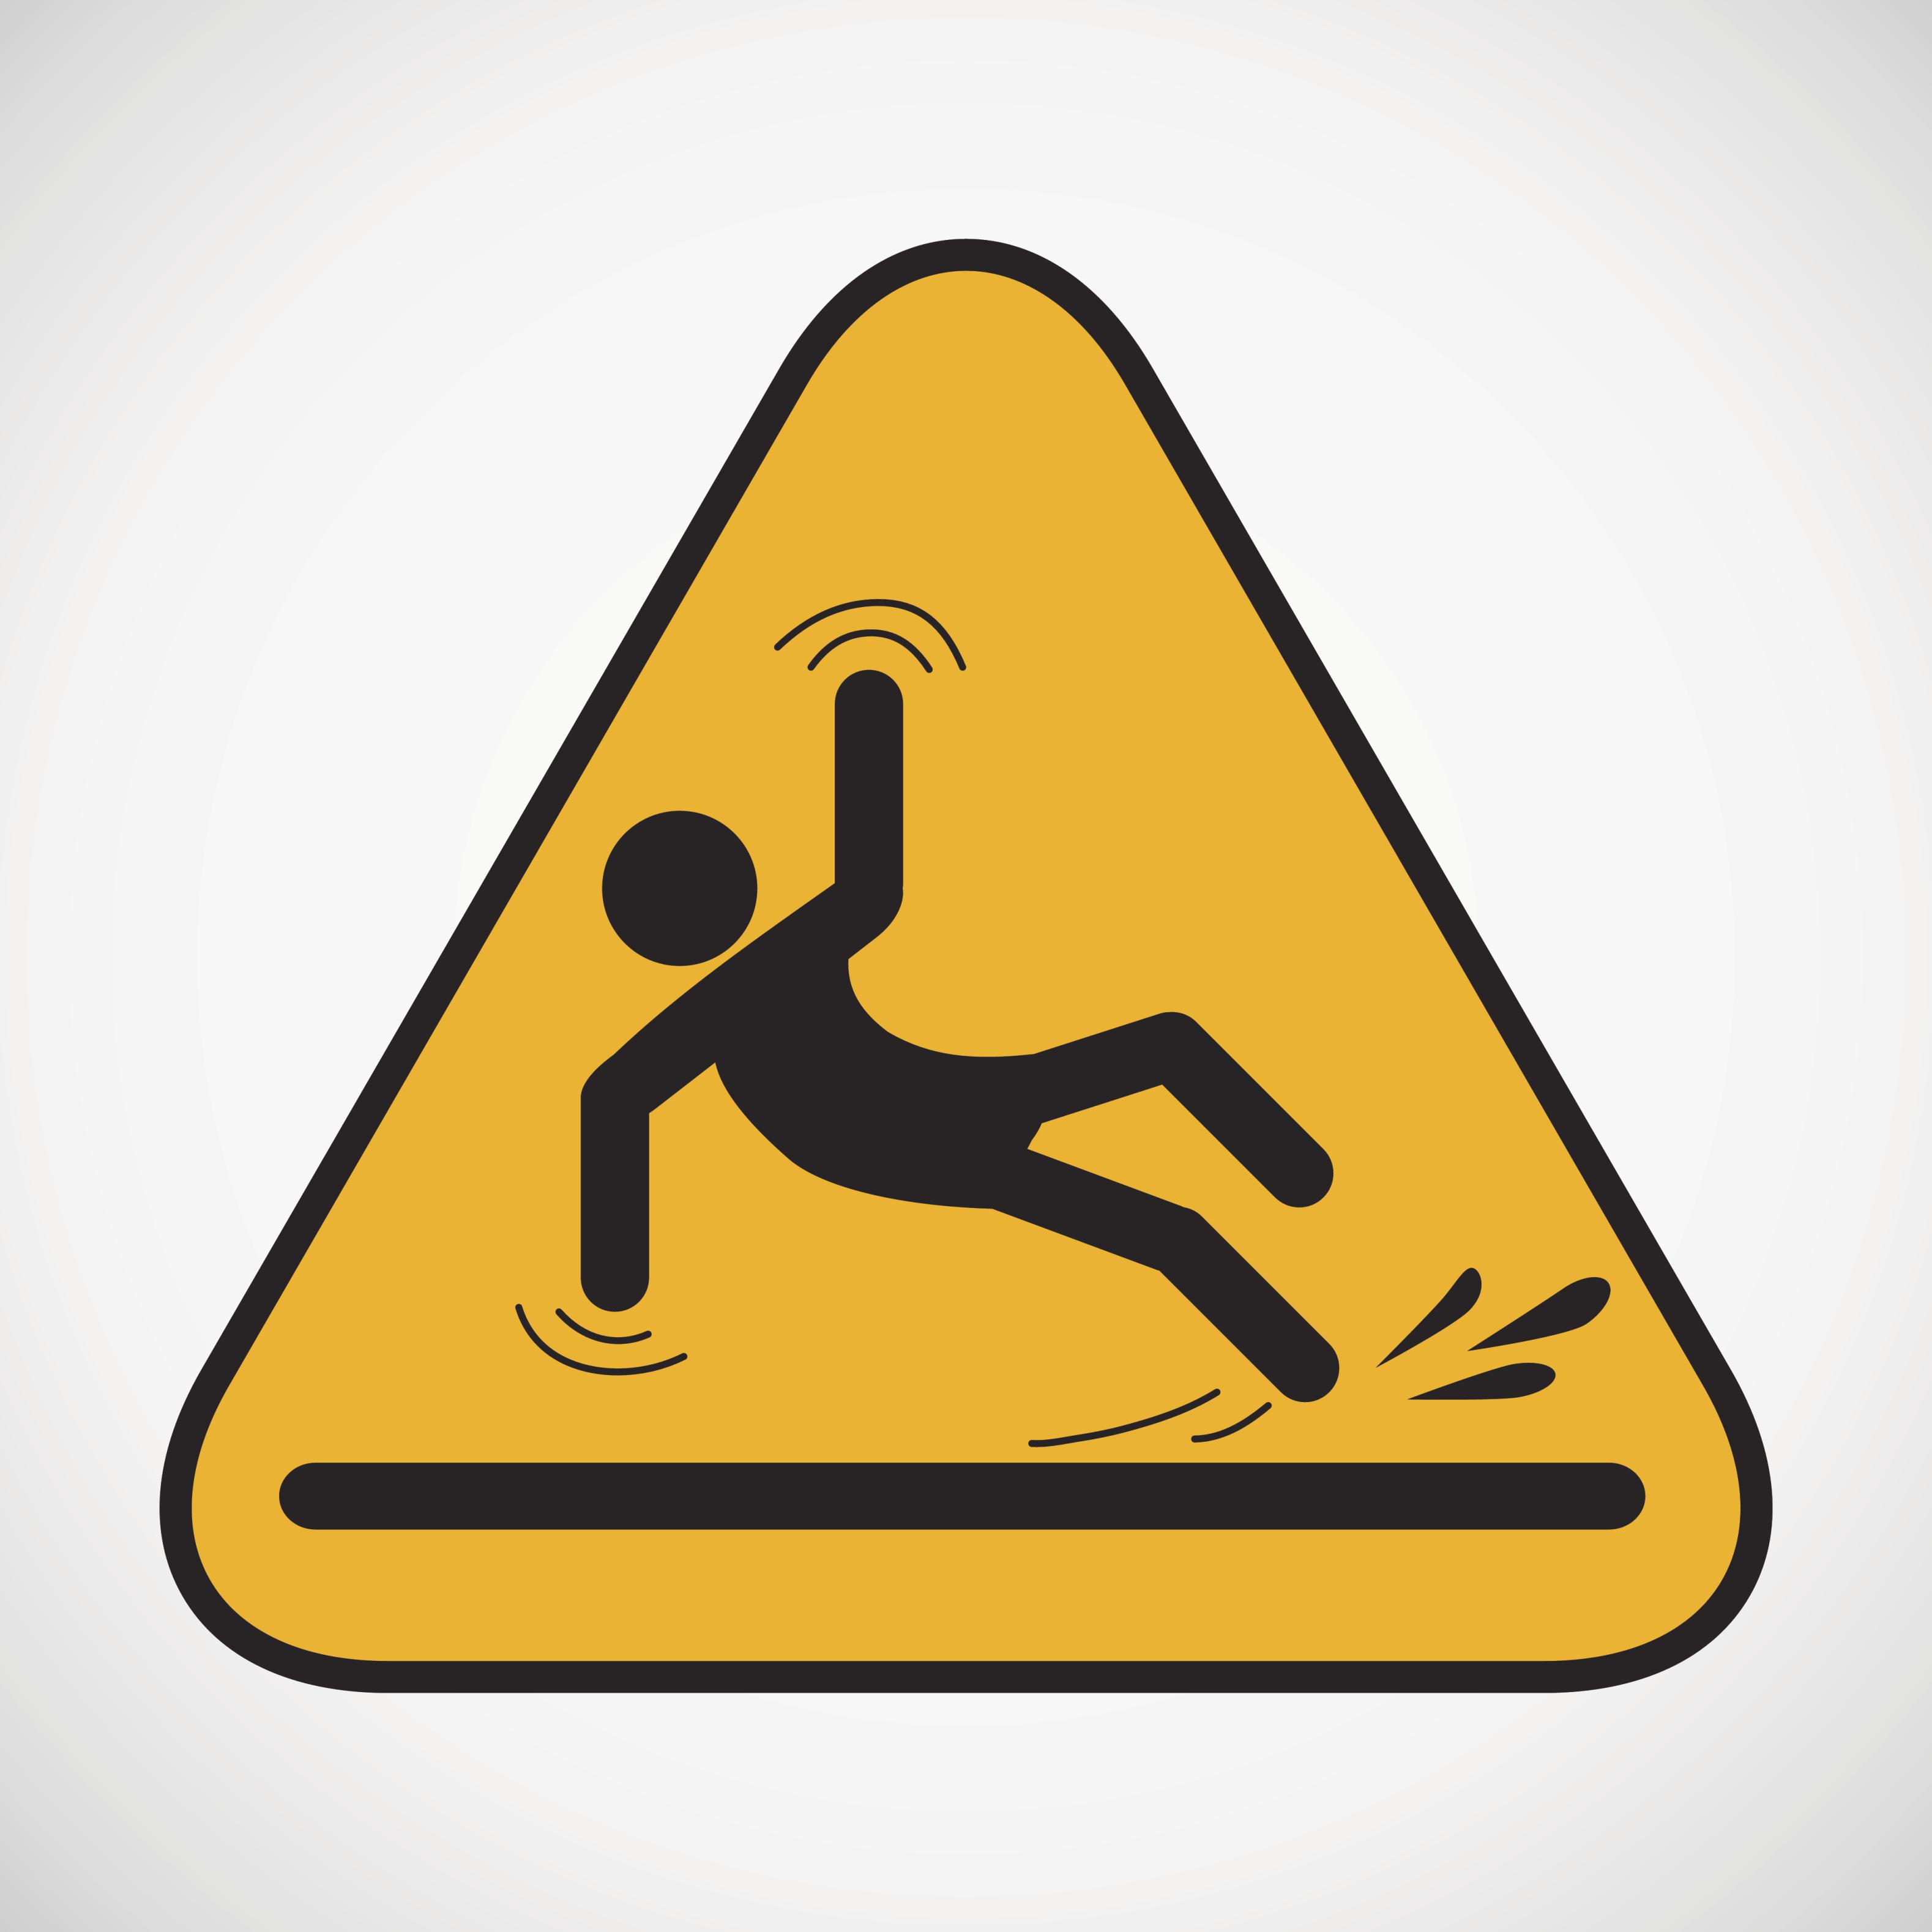 Accidents du travail: 1904 cas enregistrés en 2016